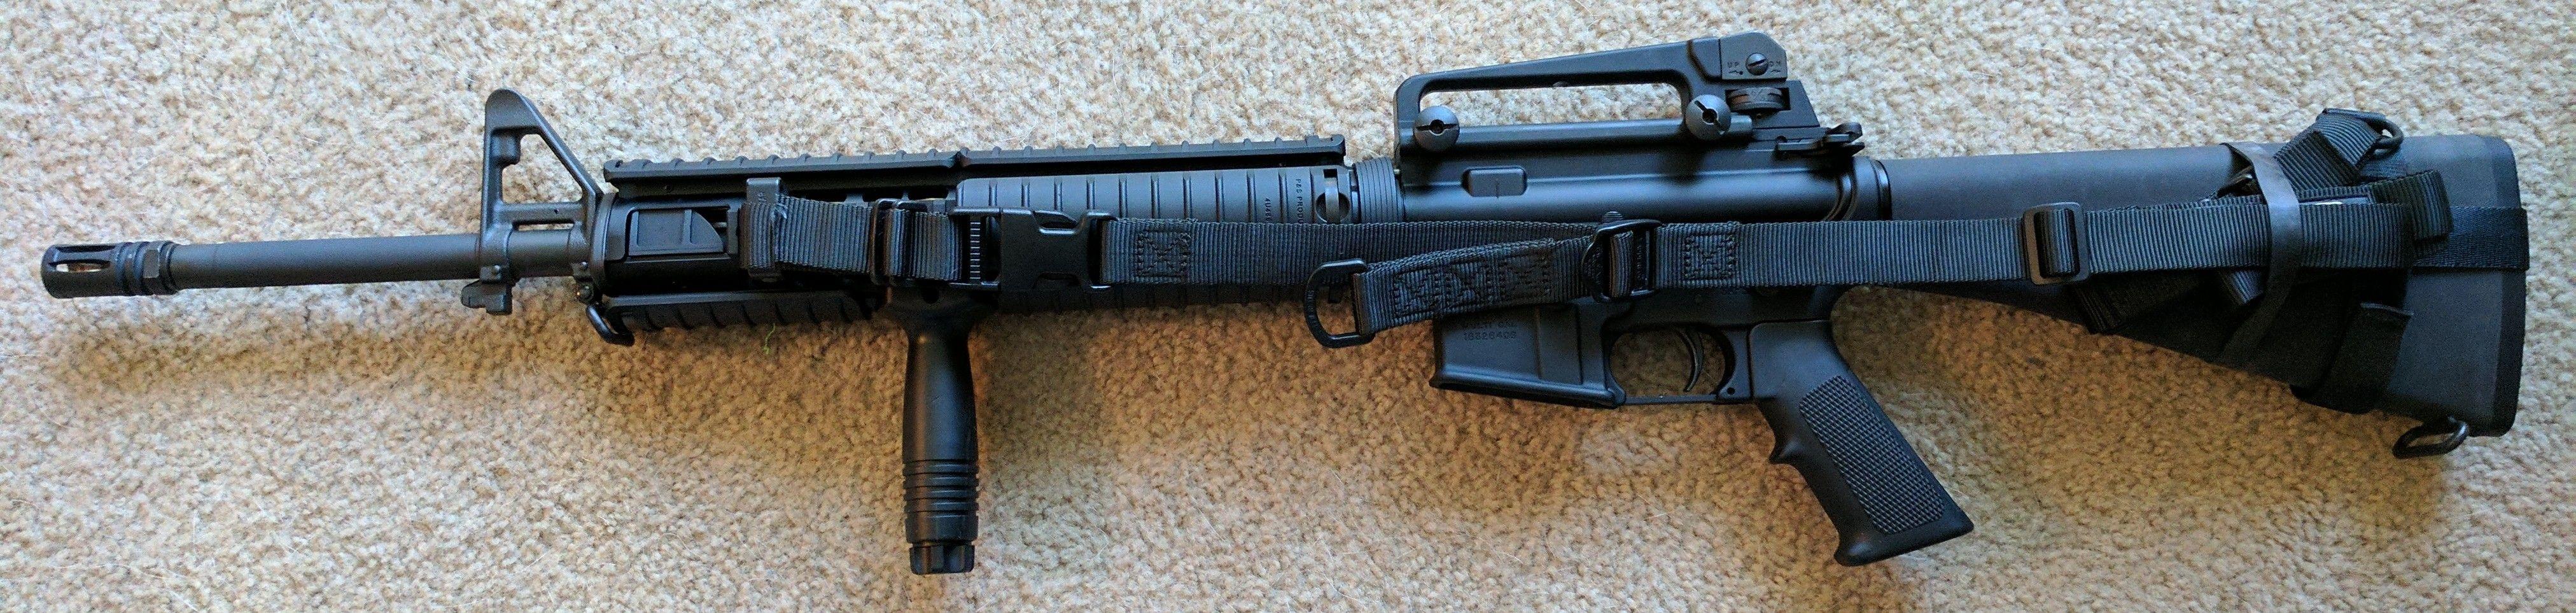 M16a4 Clone Advice Uppers Ar15com